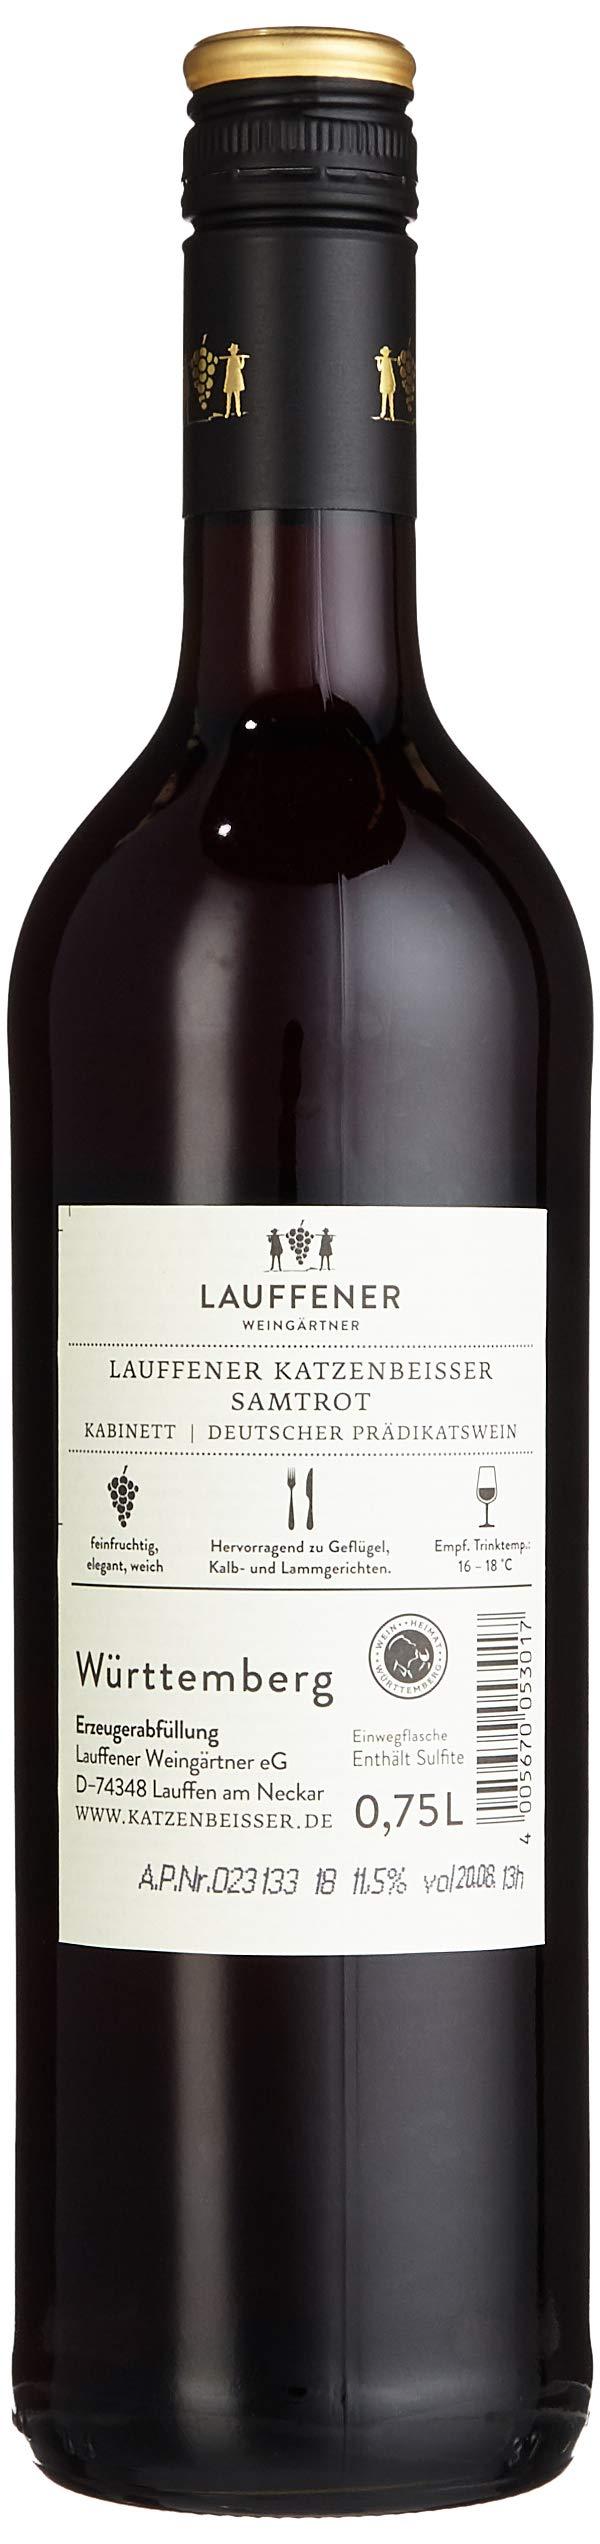 Lauffener-Katzenbeisser-Samtrot-Kabinett-2016-6-x-075-l